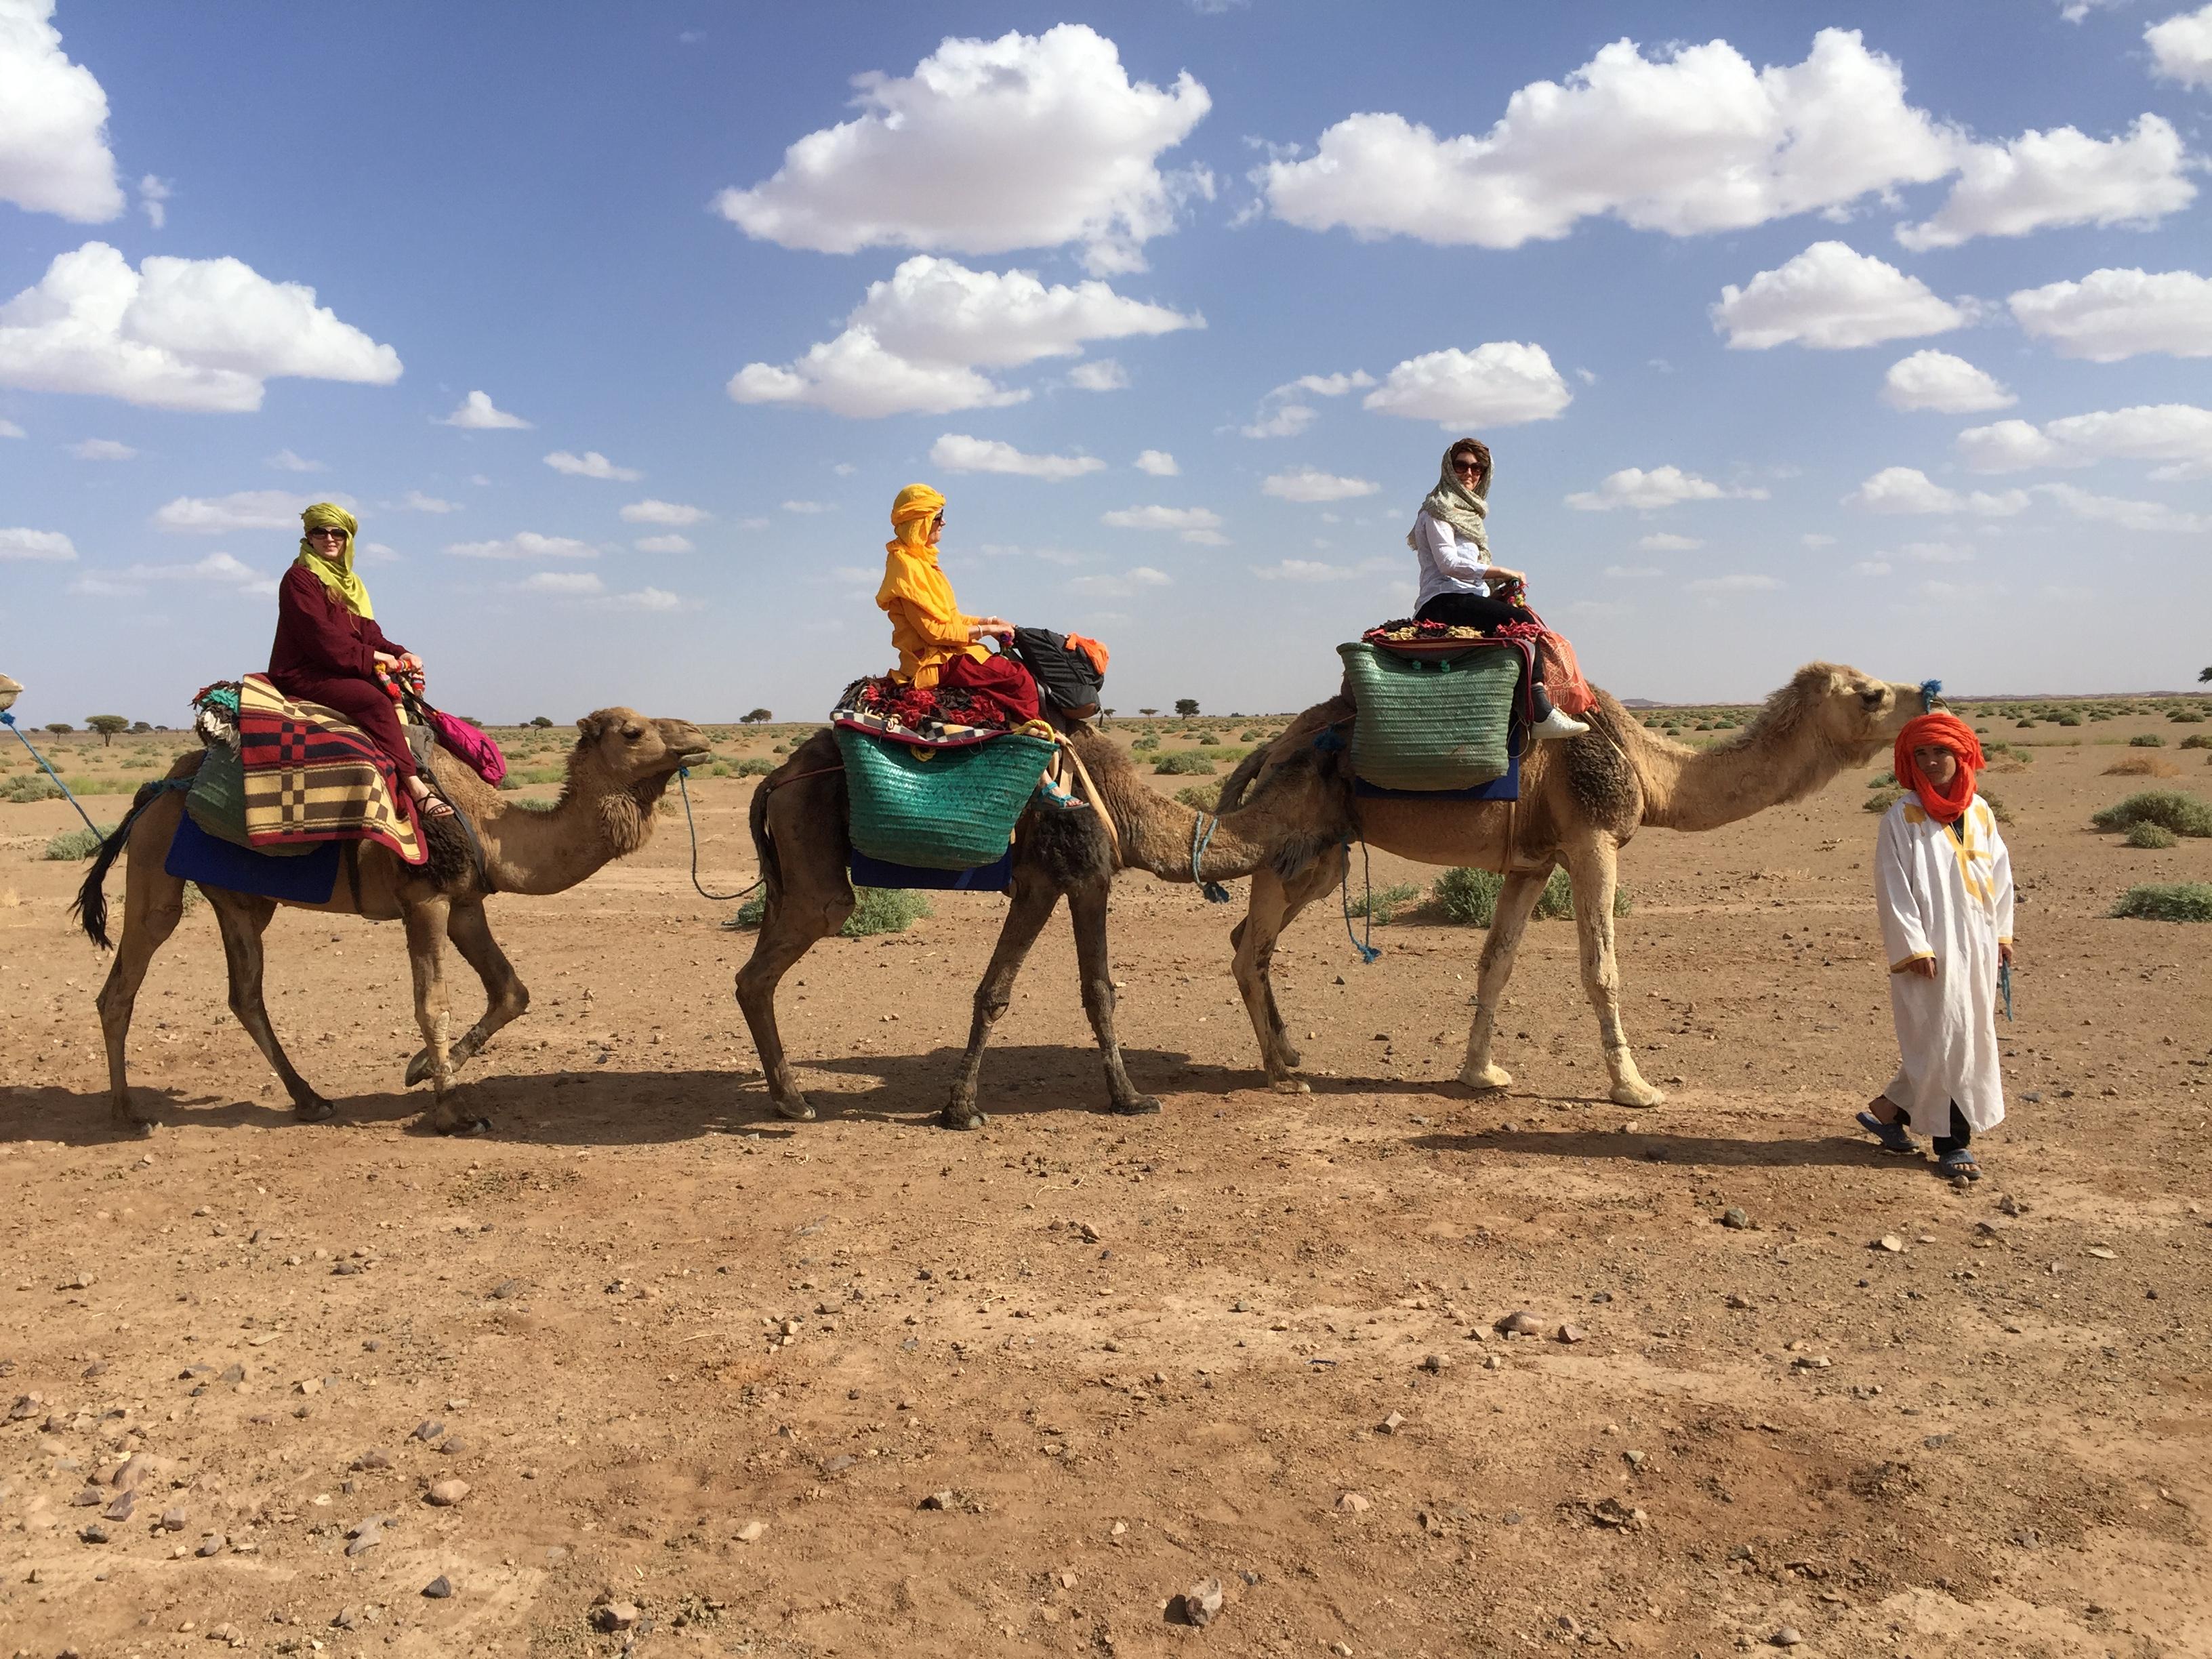 Wir tauchen ein in die Welt der Berber